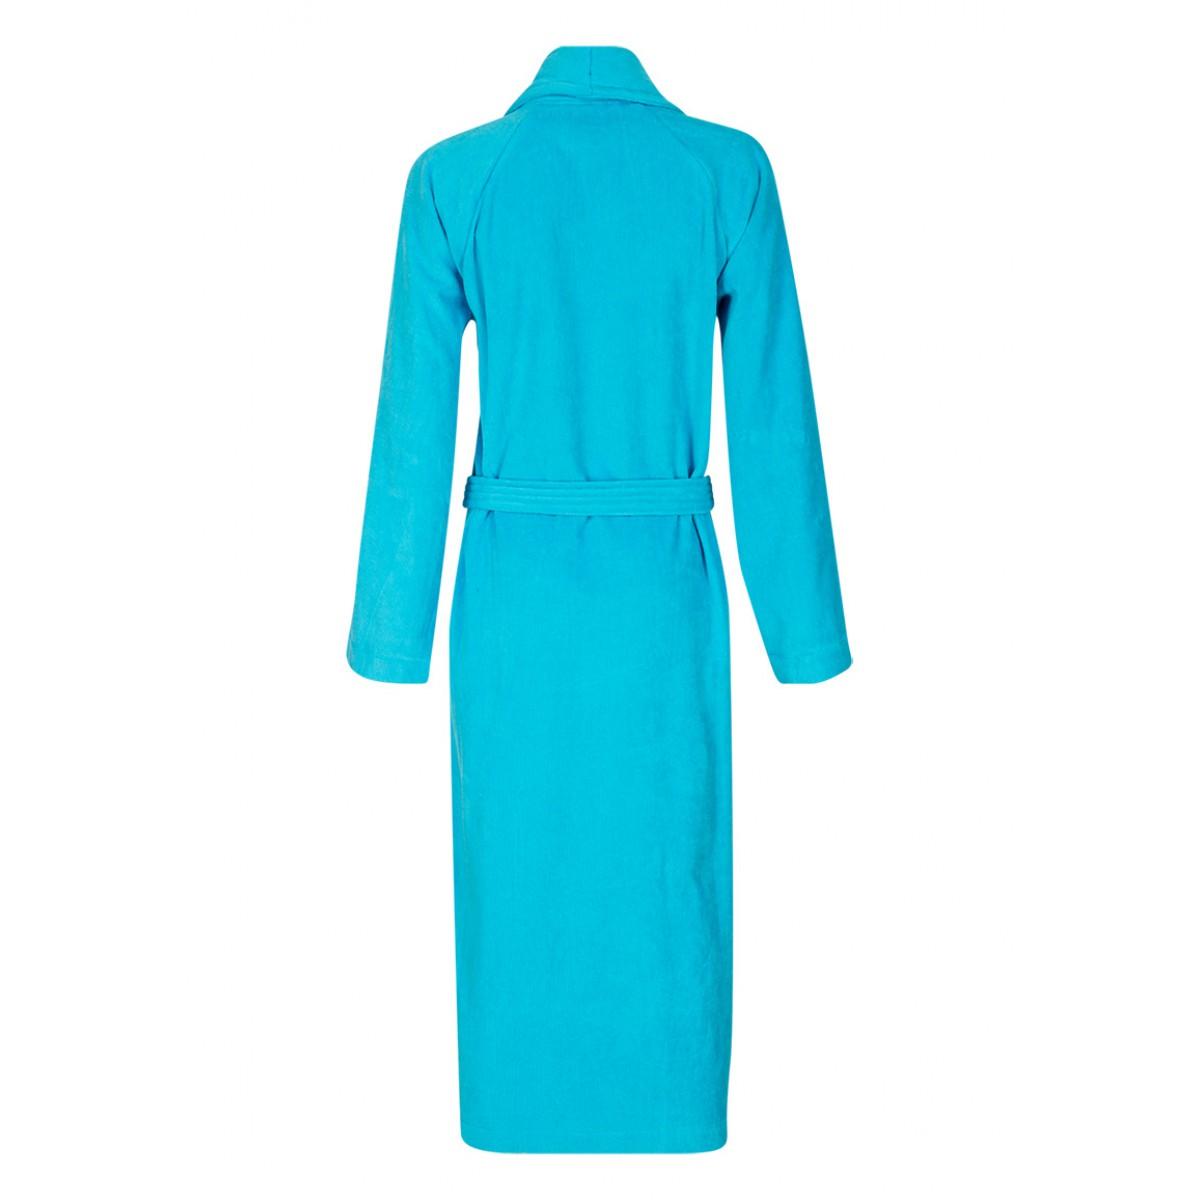 Unisex badjas turquoise